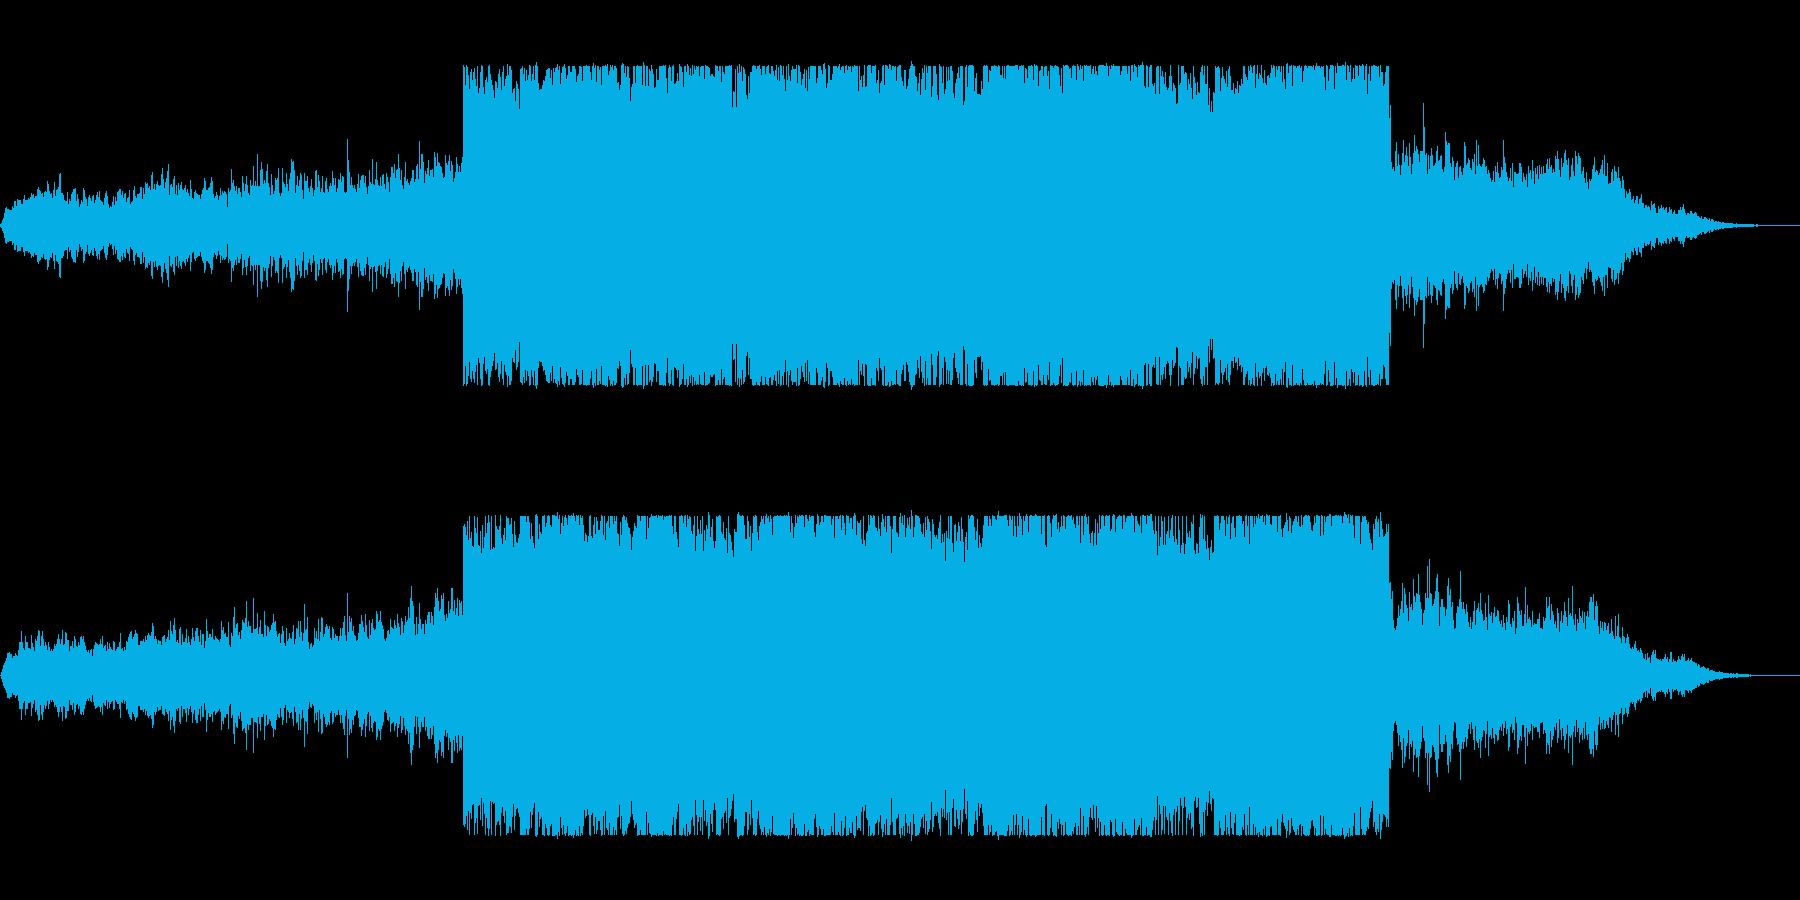 不思議な広がるヒーリングミュージックの再生済みの波形